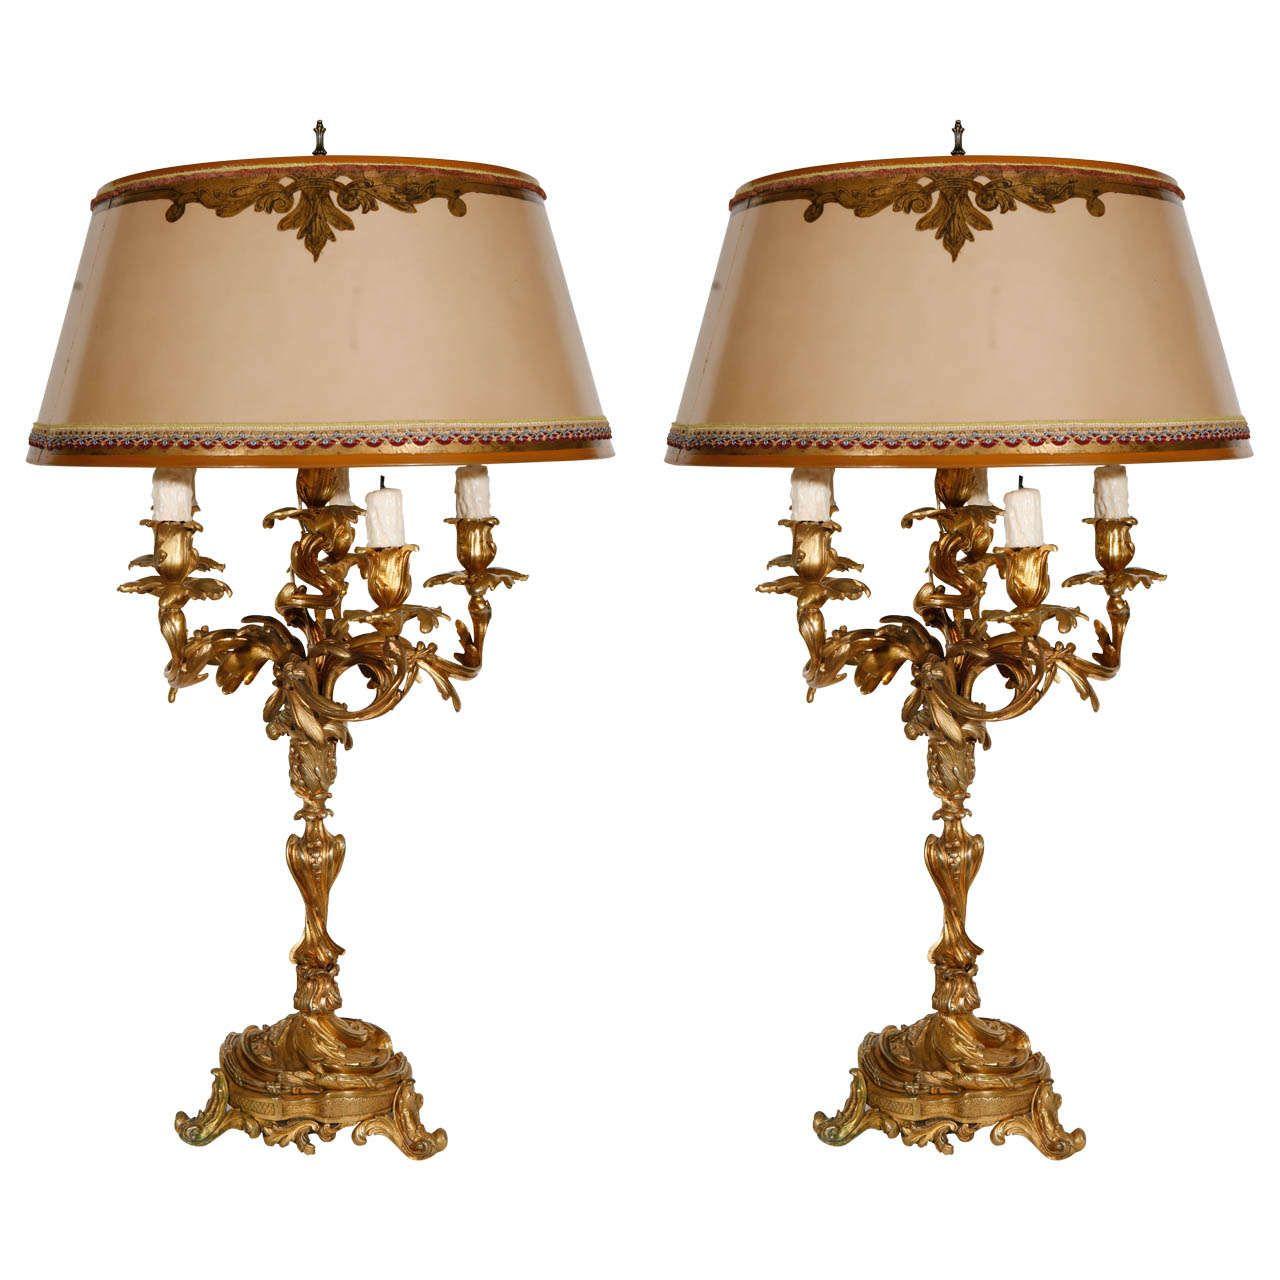 Pair Of 19th Century French Dore Bronze Candelabra Lamps Lamp Bronze Candelabras Bronze Candle